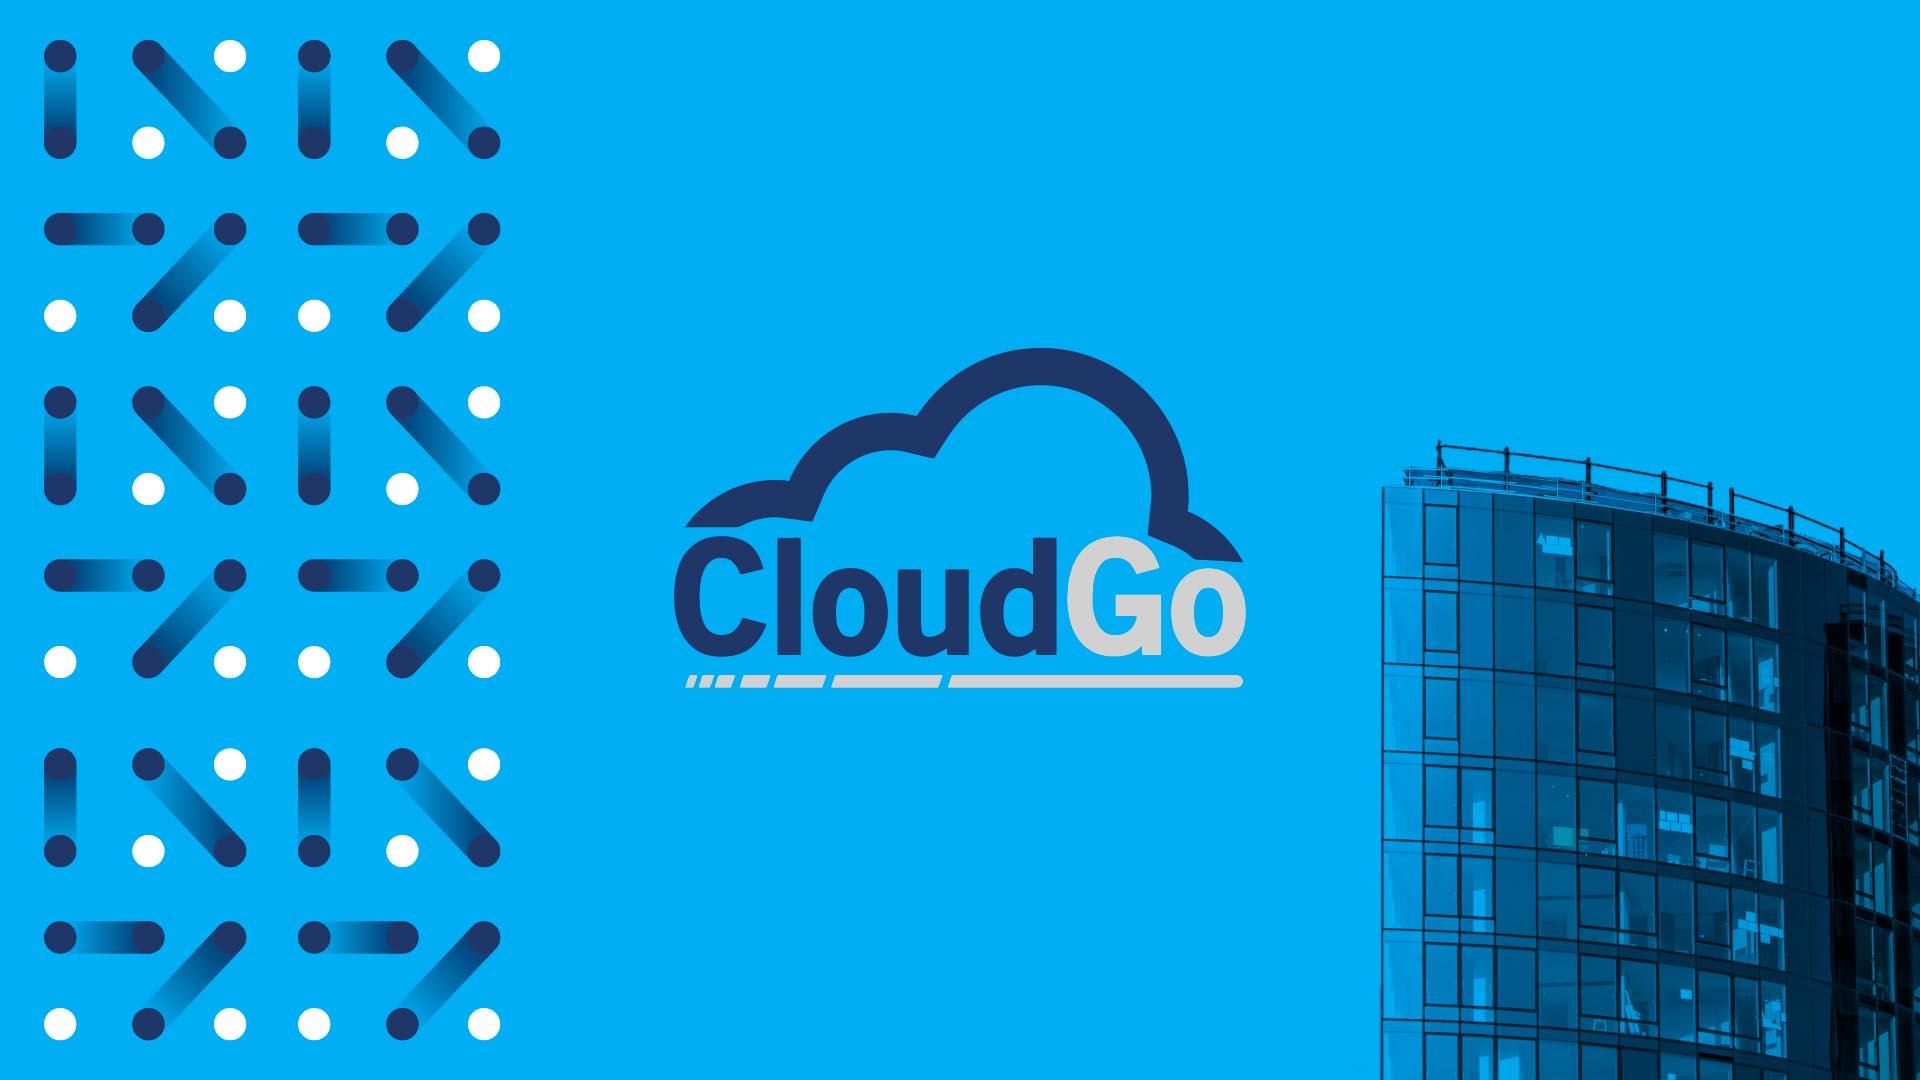 Cloud Go Case Study Cover